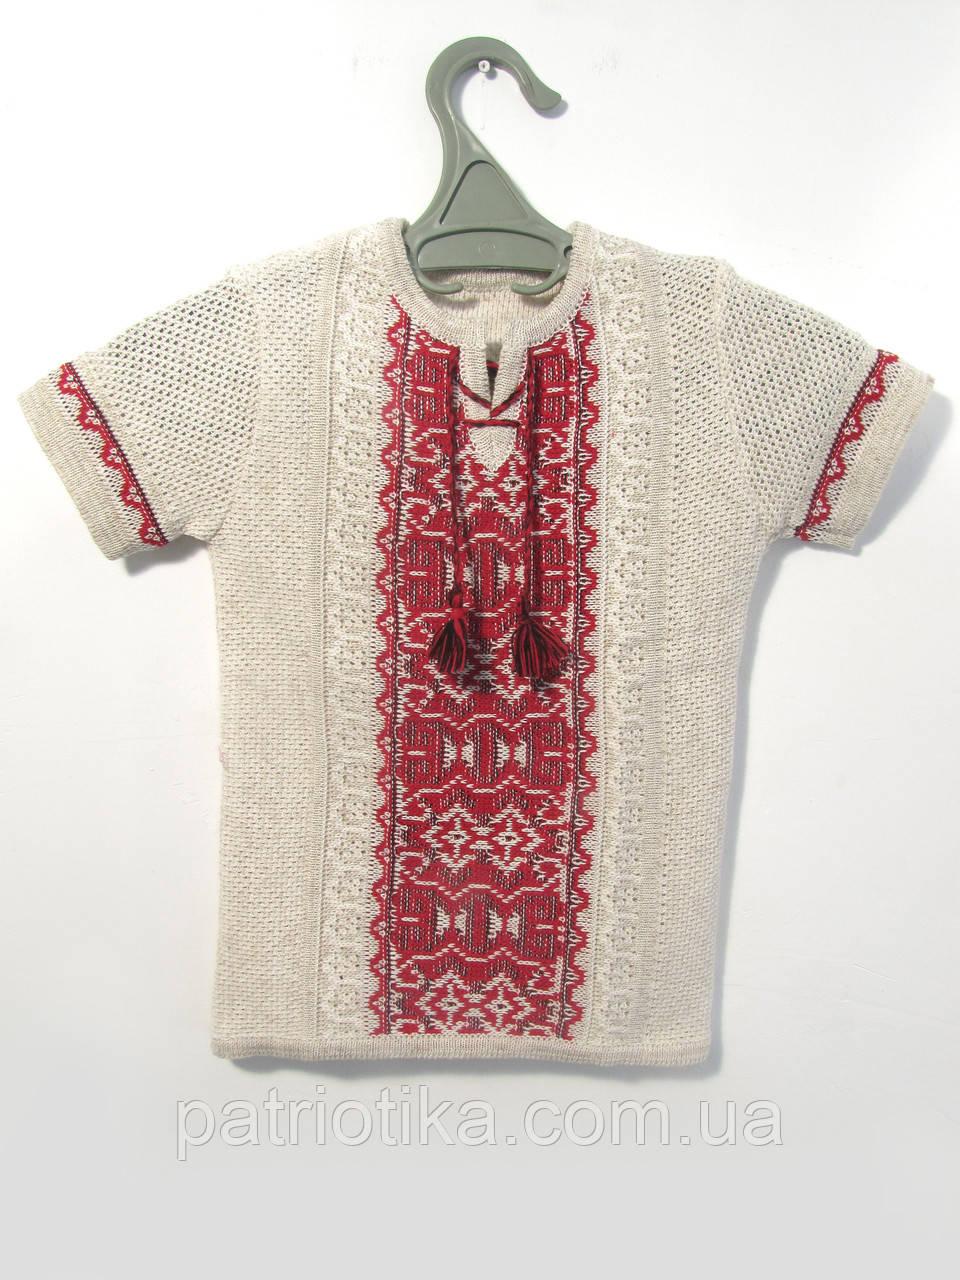 Вязаная вышиванка с коротким рукавом для мальчика| В'язана вишиванка з коротким рукавом для хлопчика